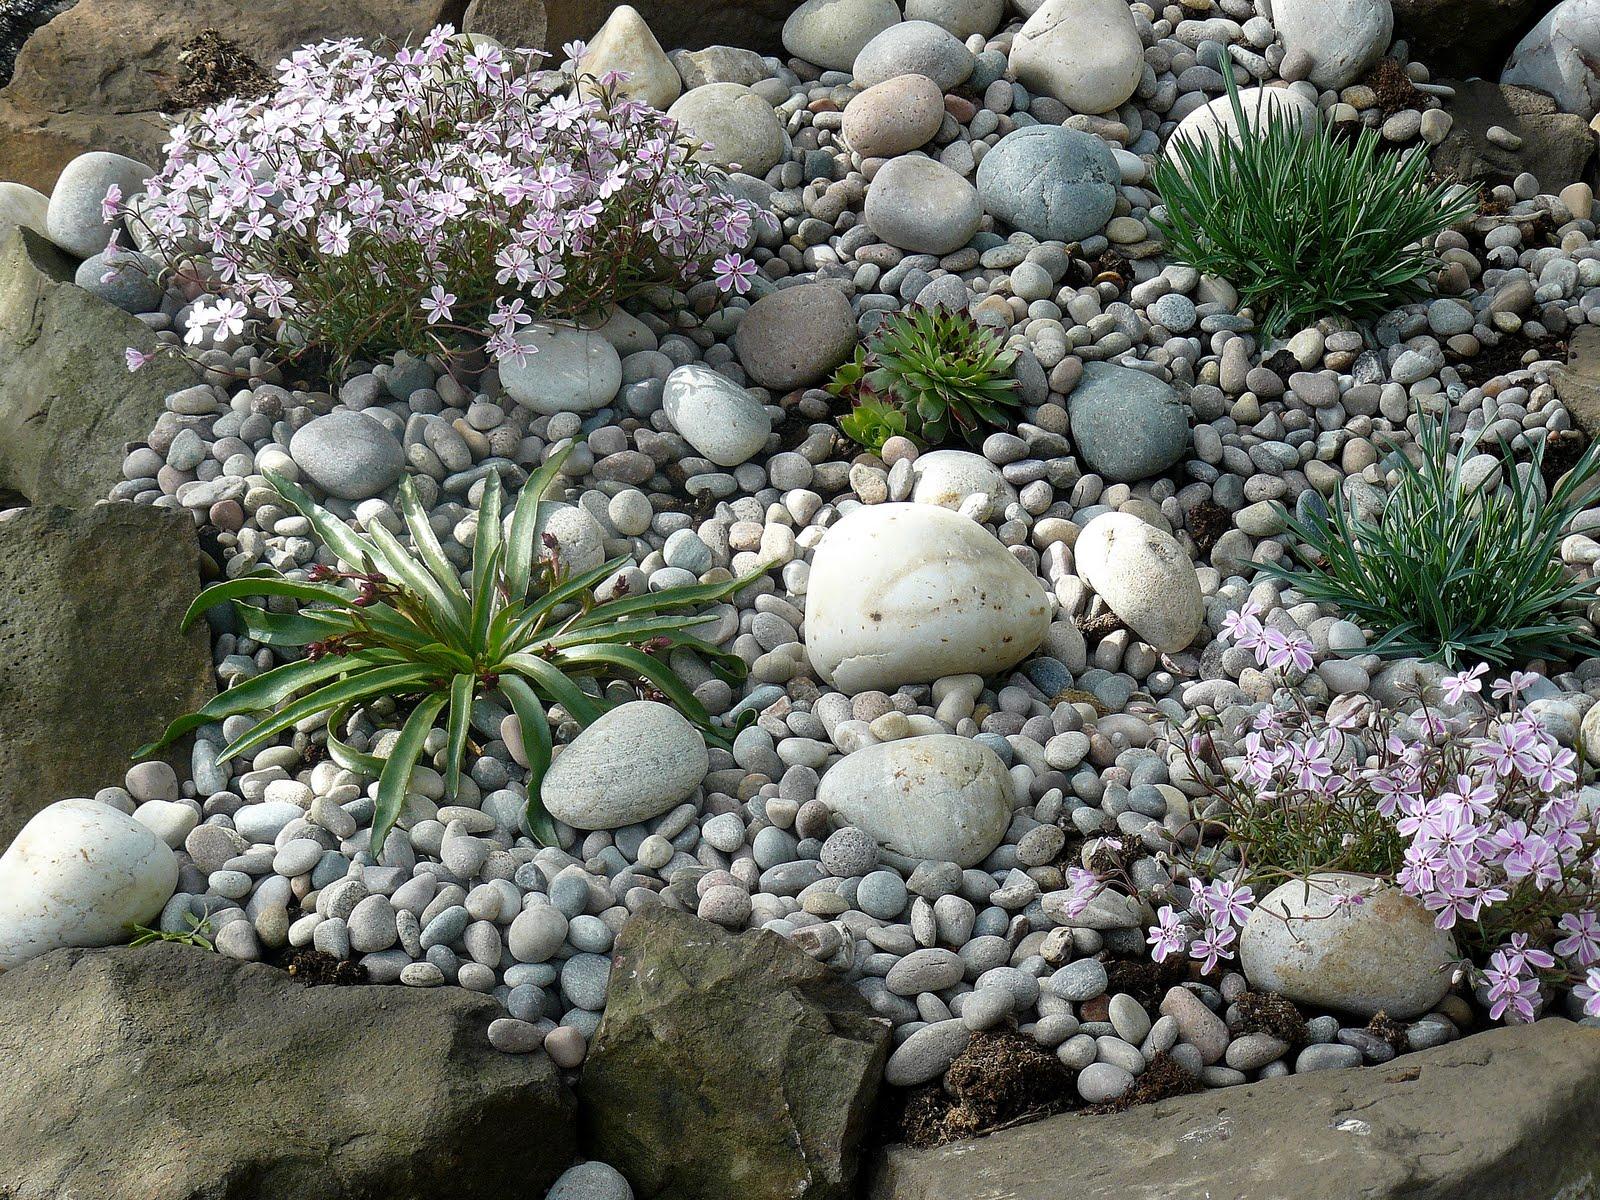 Nessie 39 s world unser kleiner steingarten for Steingarten bilder